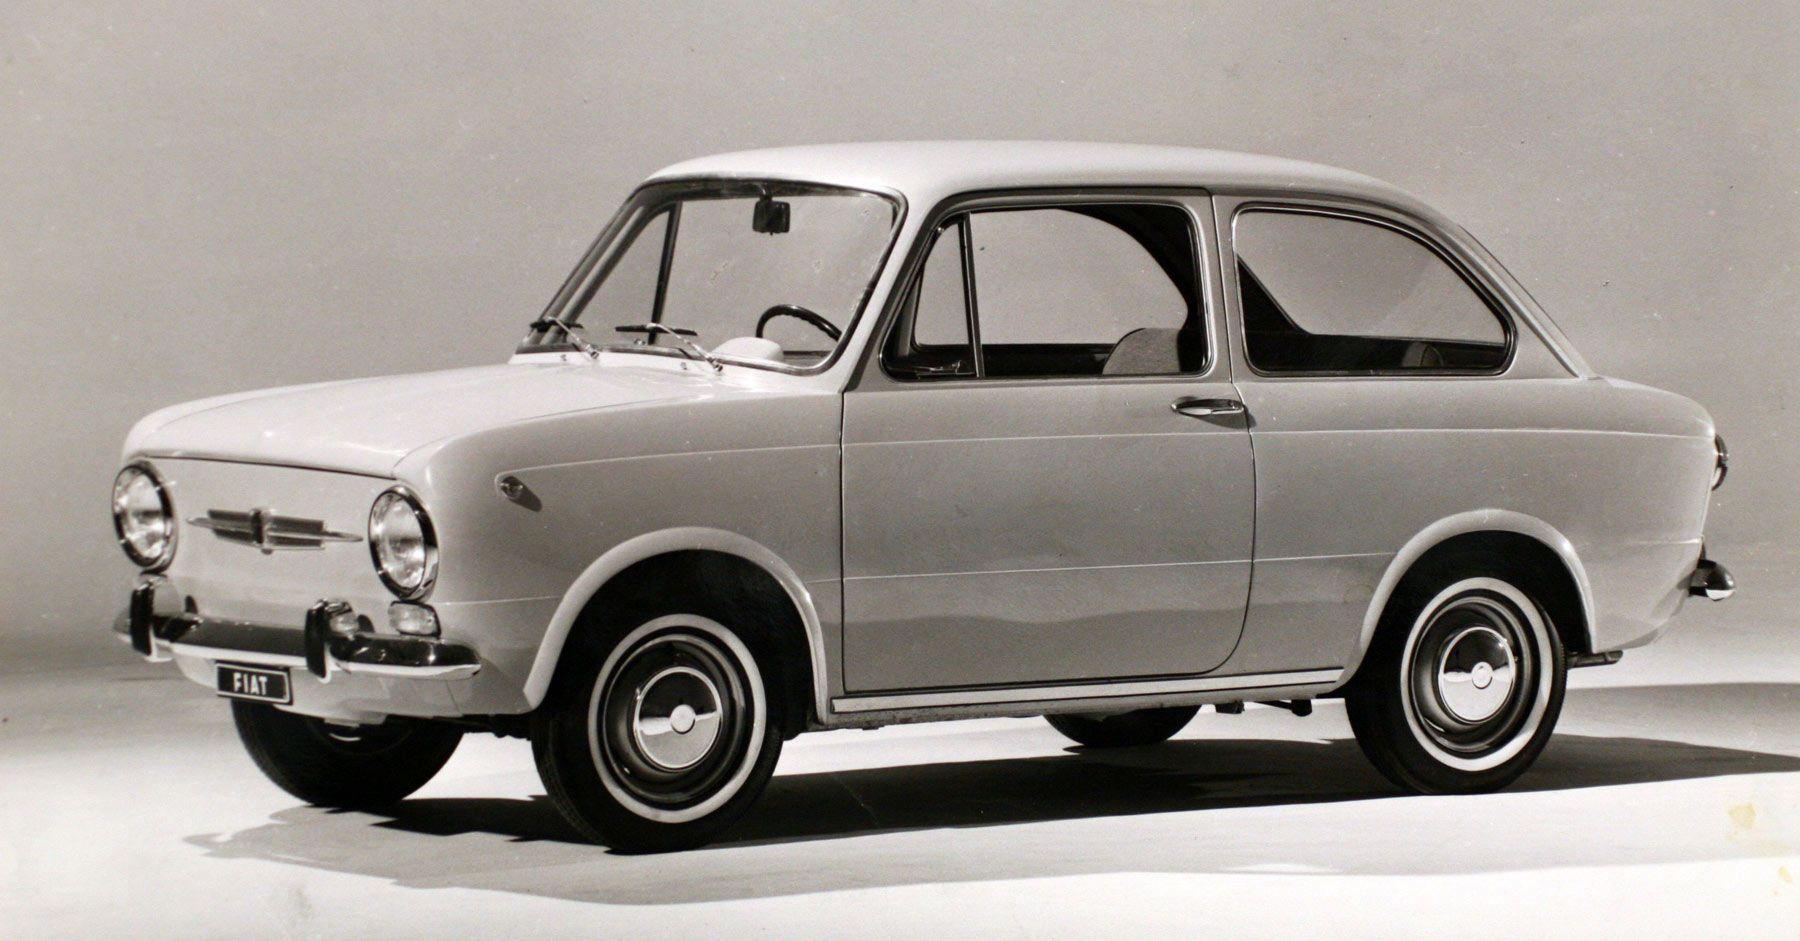 auto anni 50 - Cerca con Google   Fiat 850, Vecchie auto, Auto